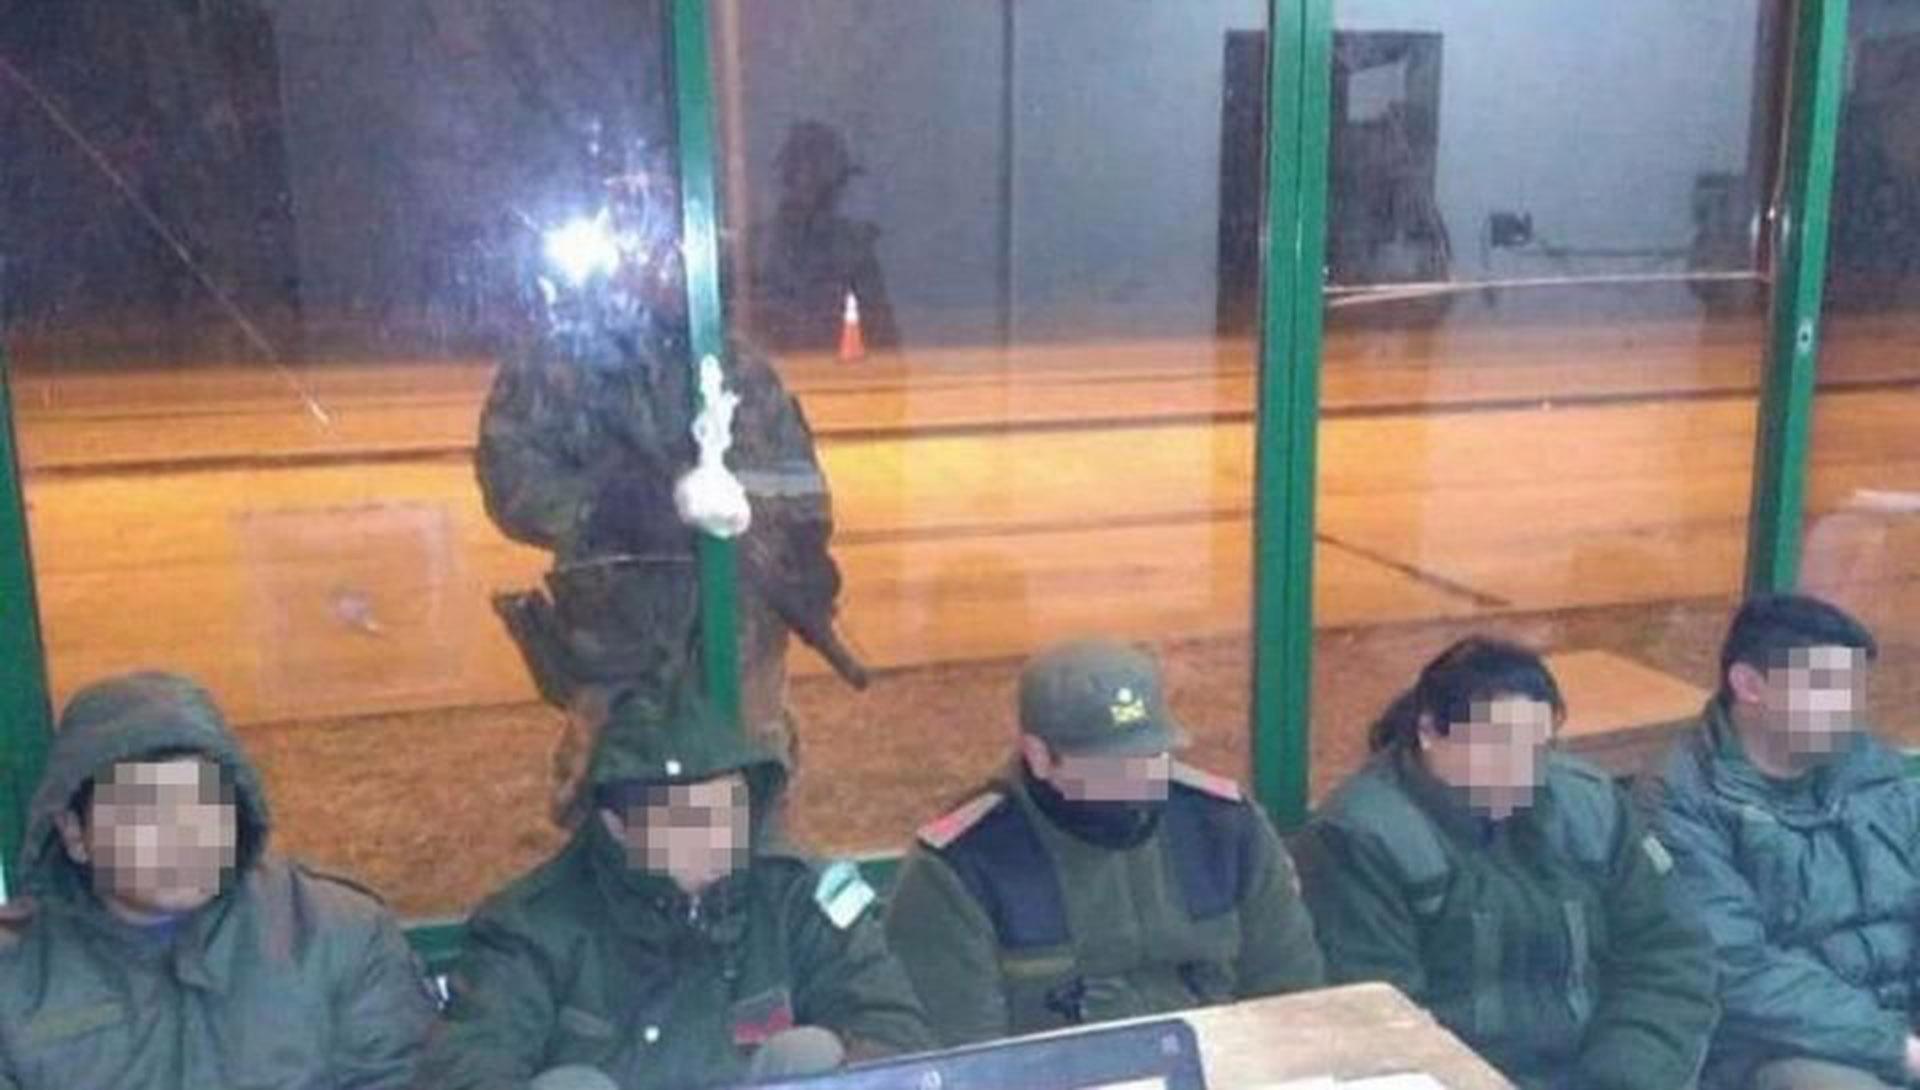 Los cinco gendarmes detenidos en Salta (Gentileza Bendito Yrigoyen)